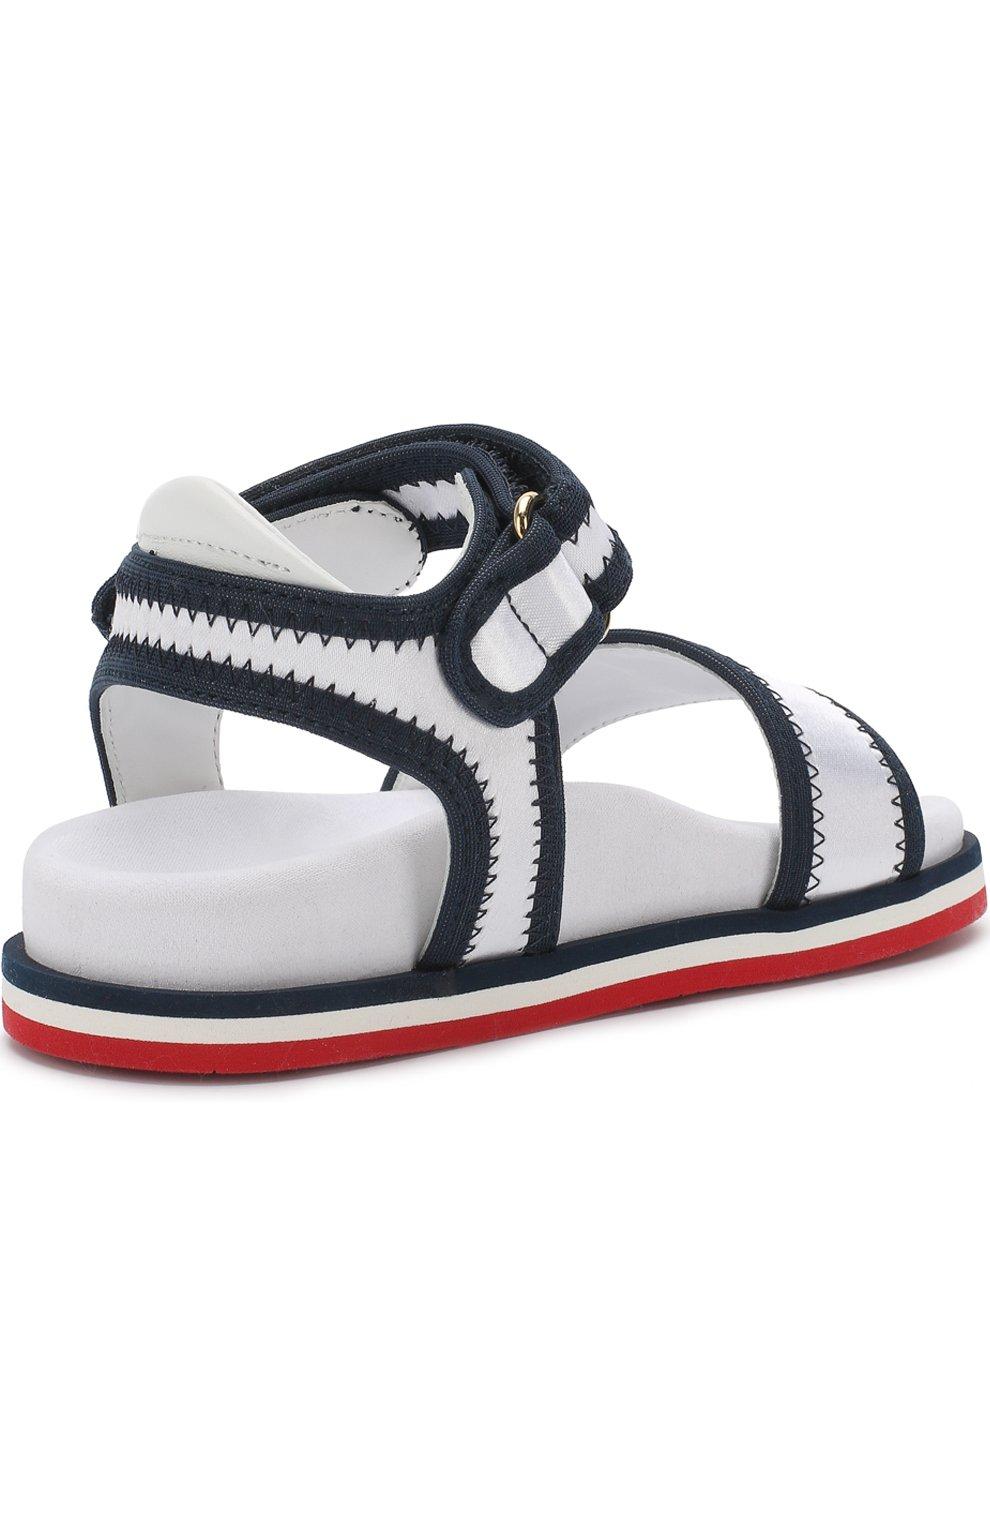 Детские текстильные сандалии с застежками велькро MONCLER ENFANT белого цвета, арт. D1-954-00474-00-019ED | Фото 3